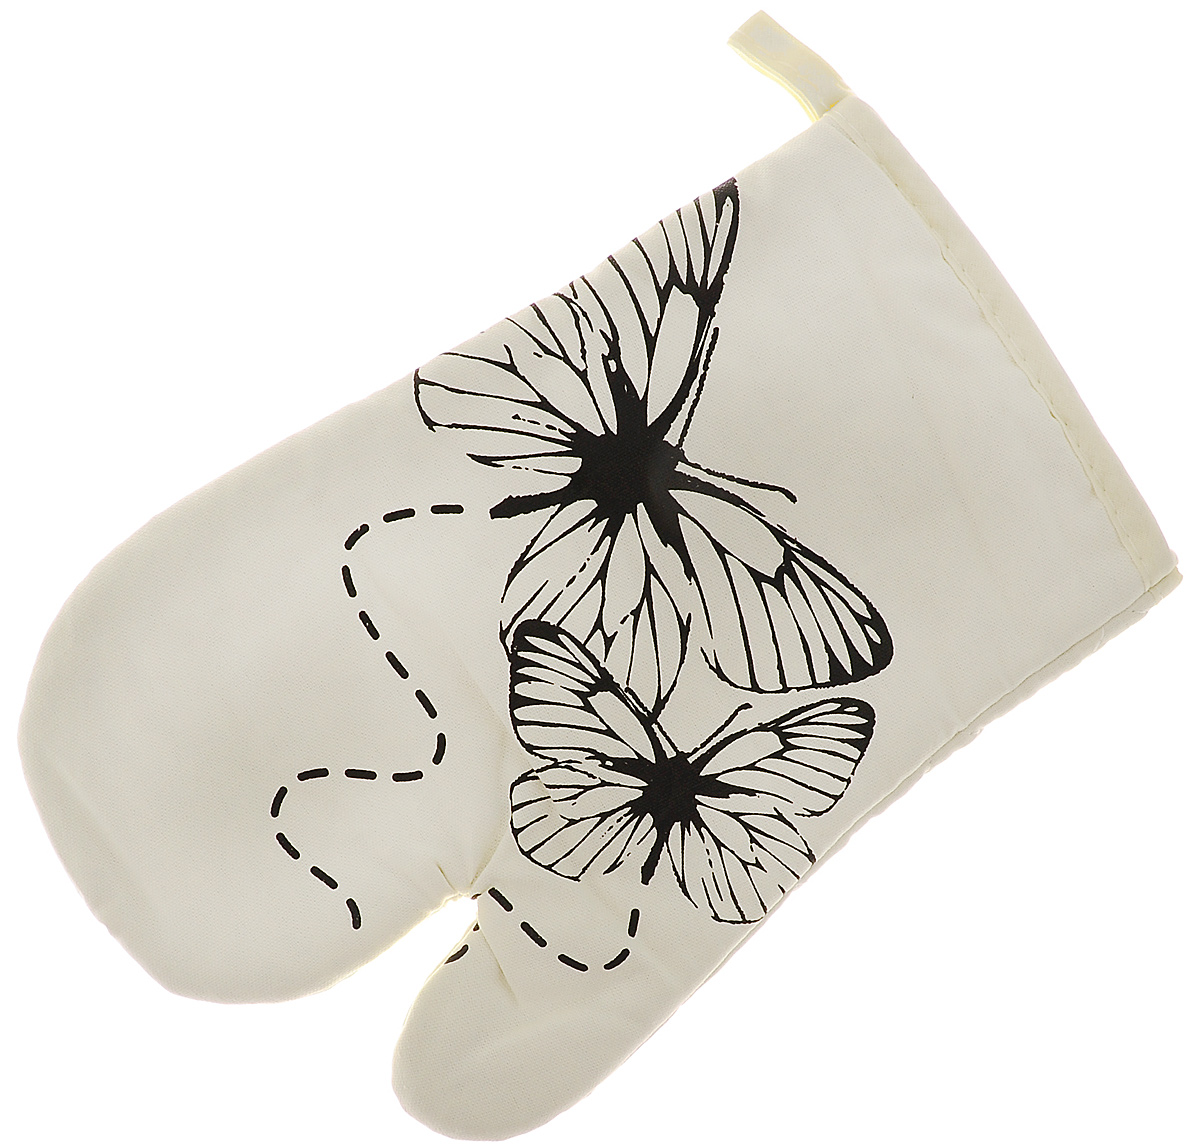 Варежка-прихватка Bon Appetit Бабочка, 17 см х 27 смVT-1520(SR)Варежка-прихватка Bon Appetit Бабочка, изготовленная из 100% хлопка, оформлена оригинальным и ярким рисунком. Прихватка предназначена для защиты рук от воздействия высоких температур и появления ожогов. Изделие оснащено петелькой, за которую его можно повесить в любое удобное место. Такая прихватка станет отличный вариантом подарка для практичной и современной хозяйки.